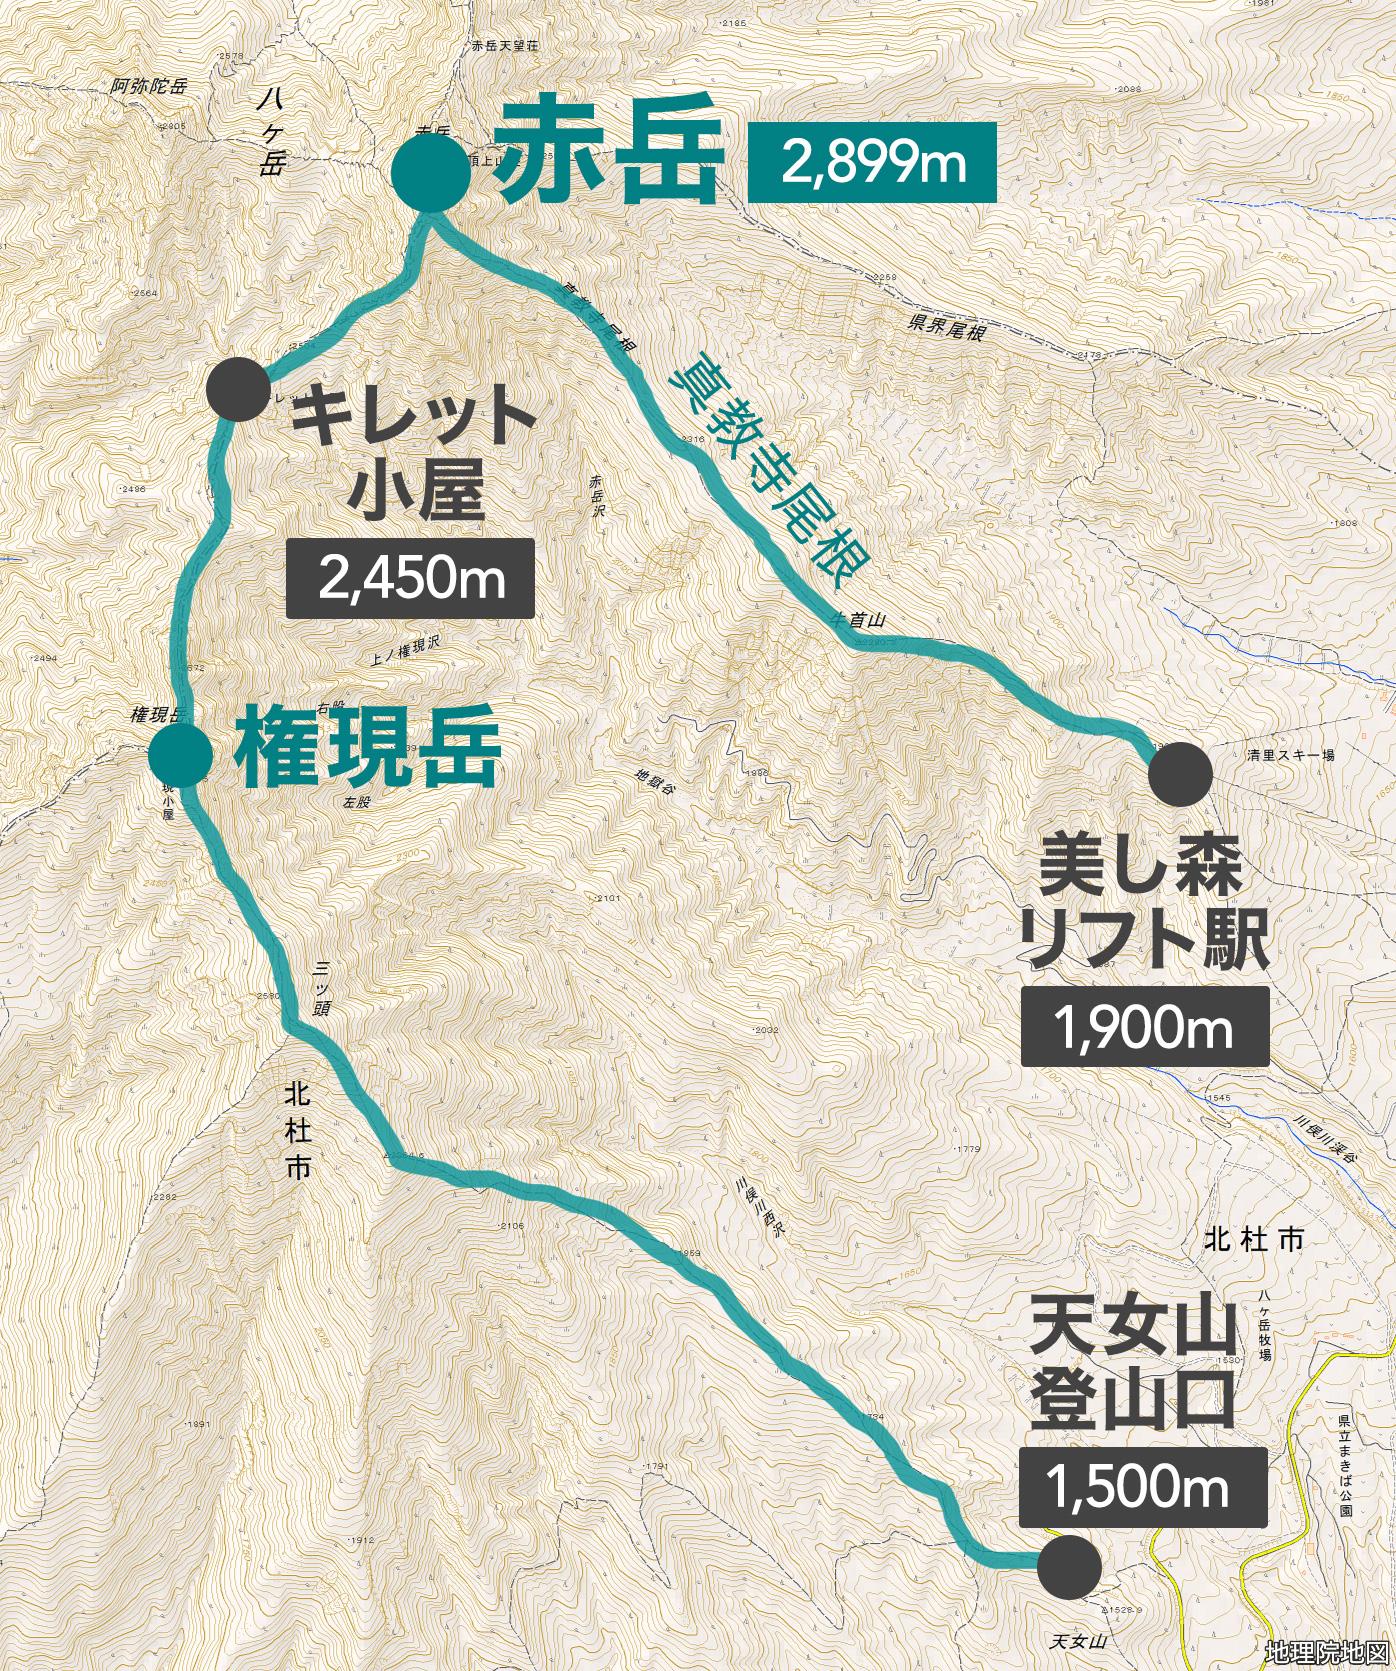 八ヶ岳 赤岳キレット 地図